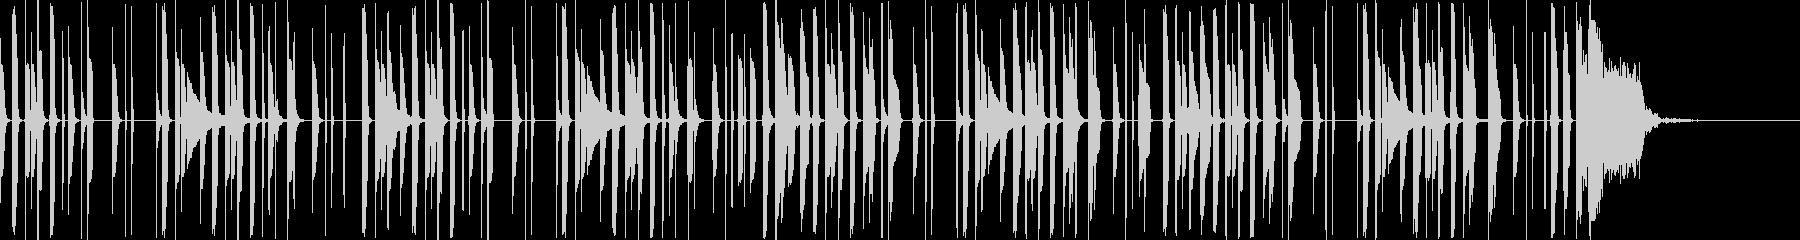 軽やかでシンプルなリズムのBGMの未再生の波形